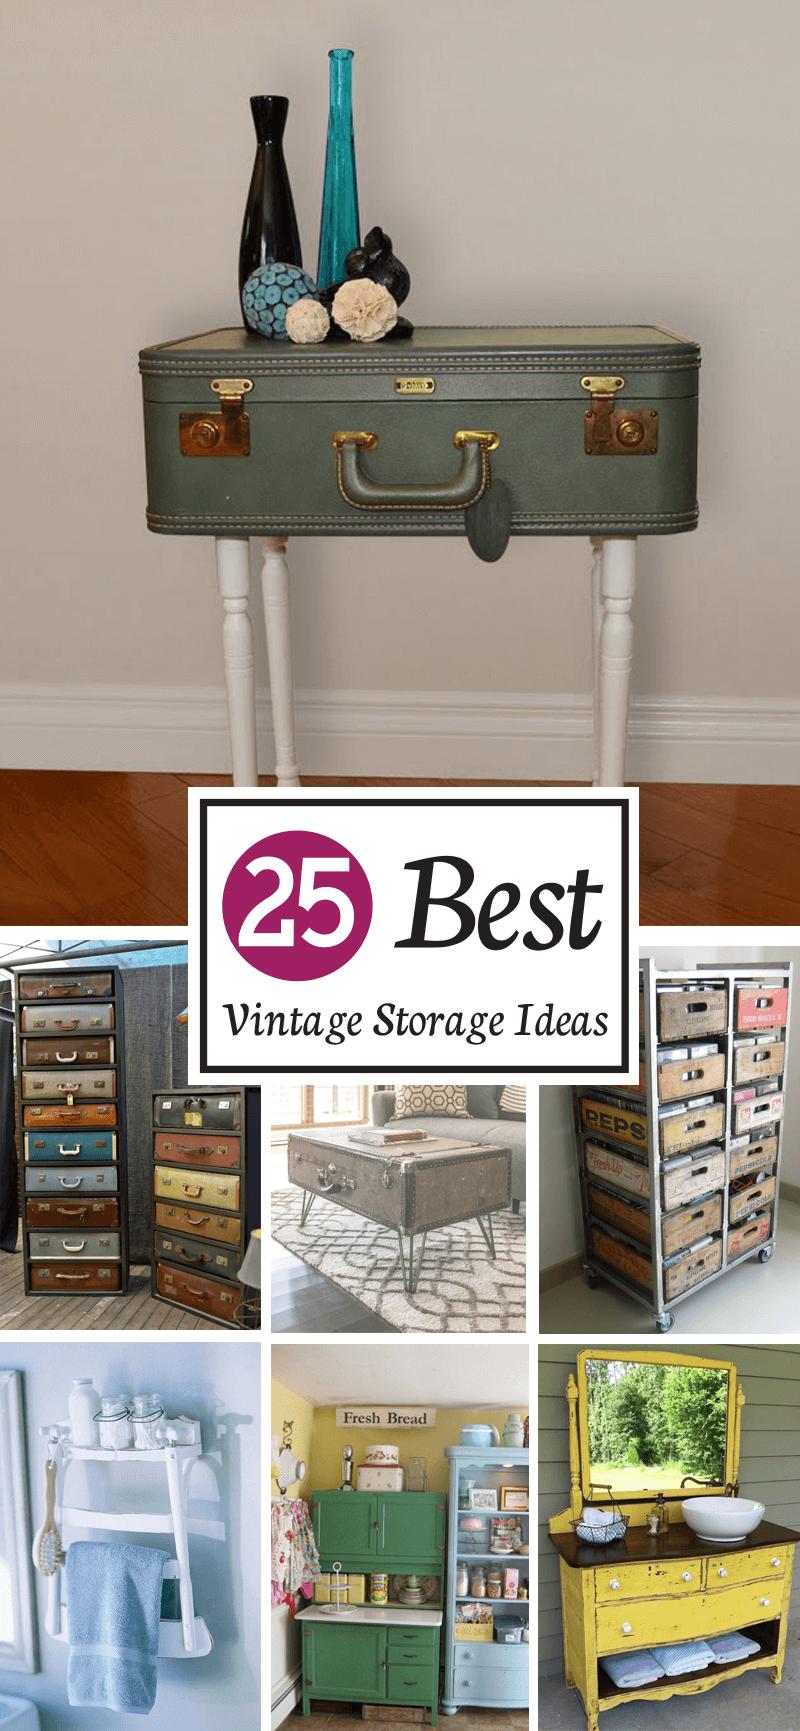 25 best vintage storage ideas - interiorsherpa 25 Storage Ideas